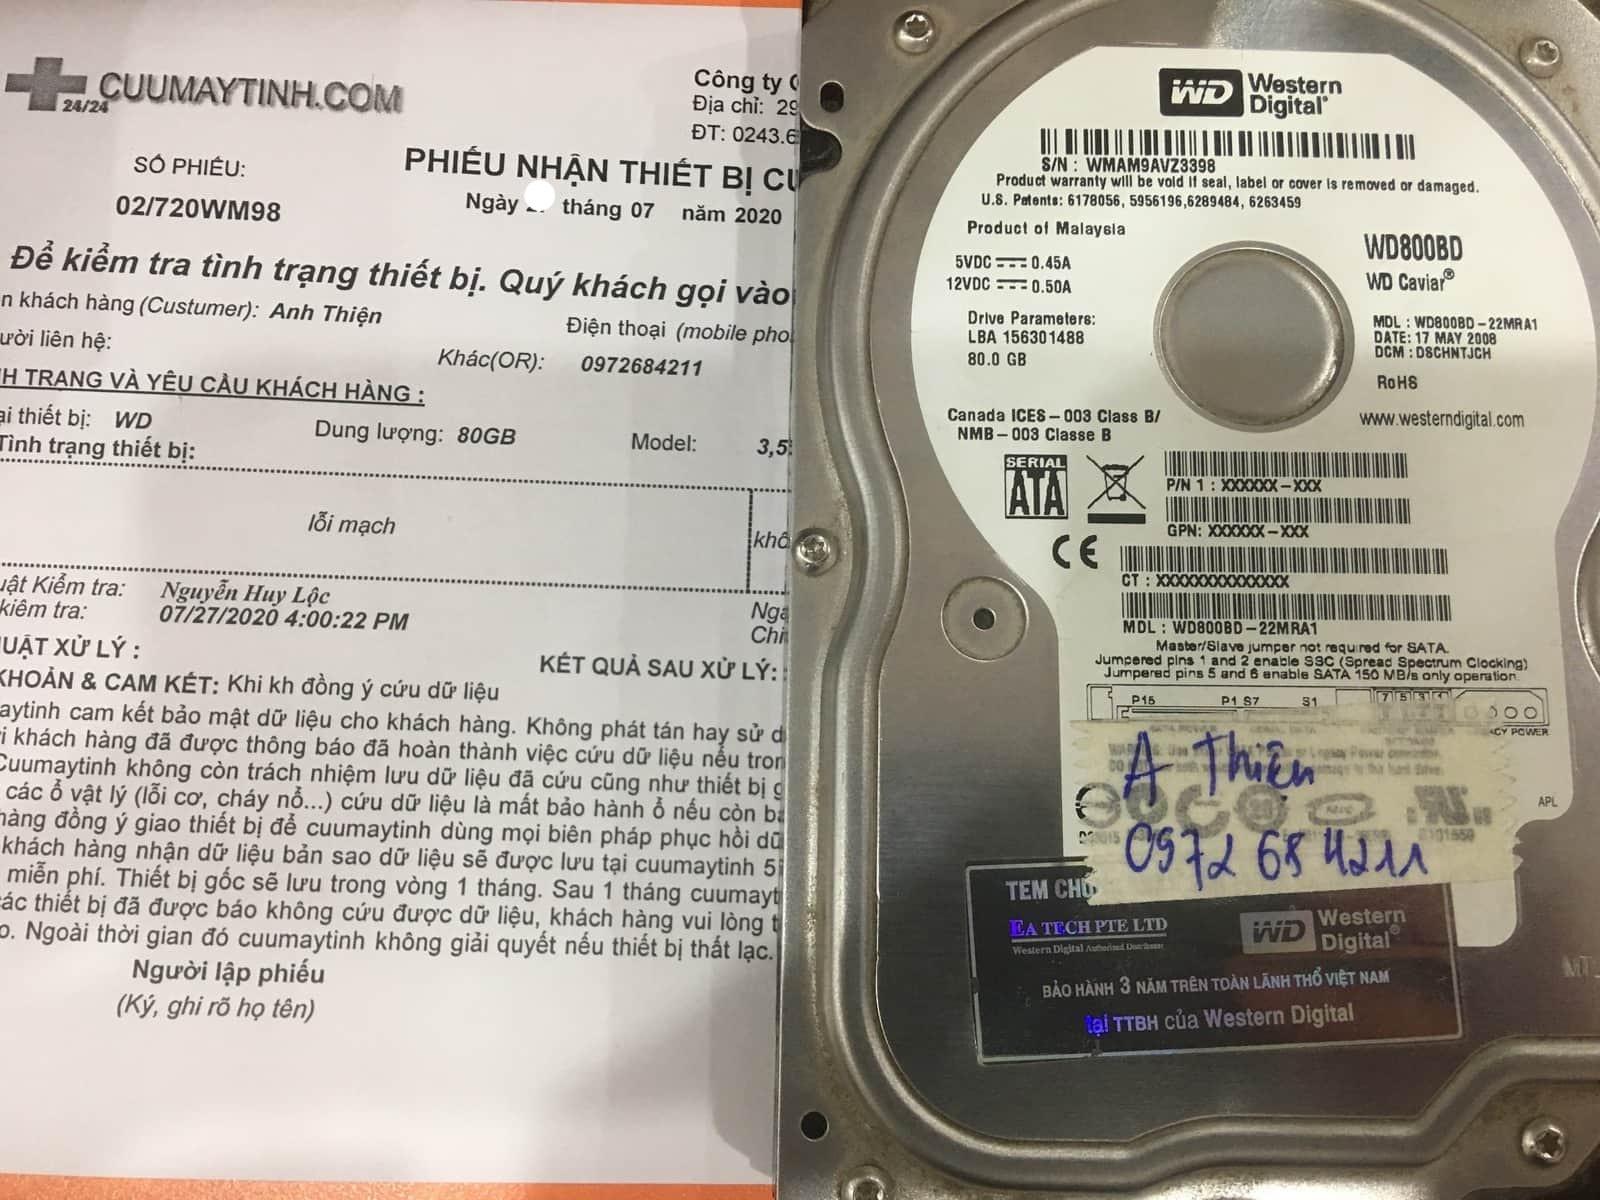 Phục hồi dữ liệu ổ cứng Western 80GB lỗi mạch 28/07/2020 - cuumaytinh